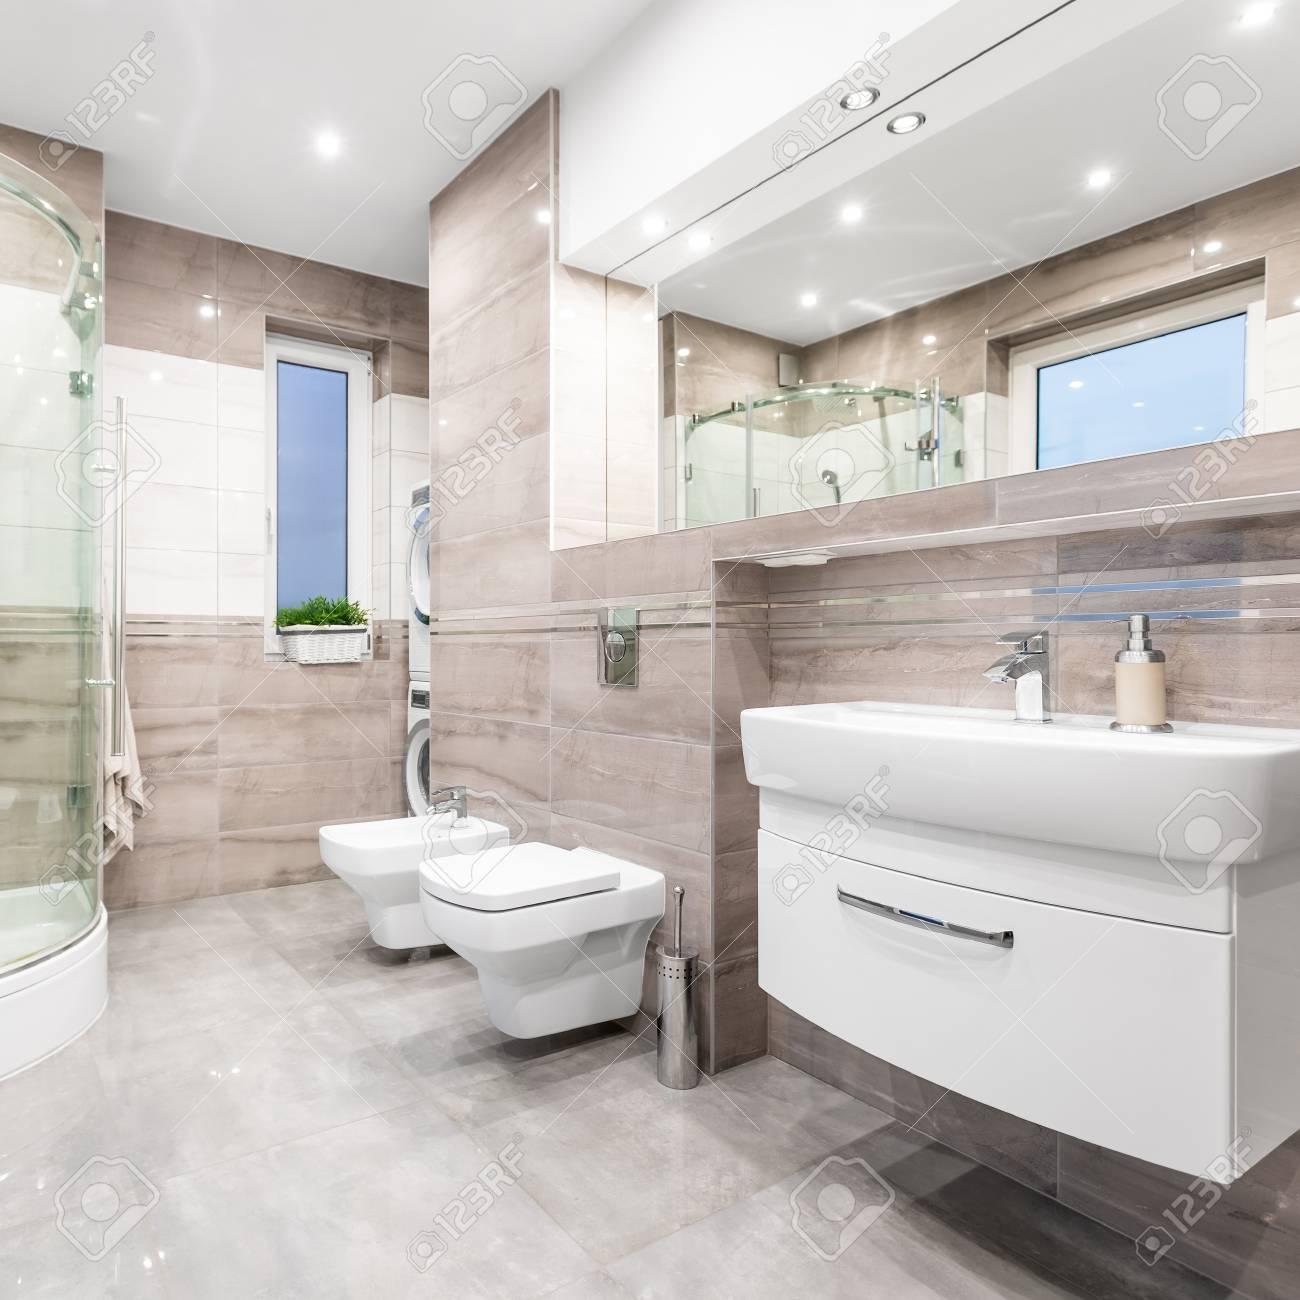 Salle de bain beige fonctionnelle avec fenêtre, douche, toilette, bidet,  lavabo et miroir